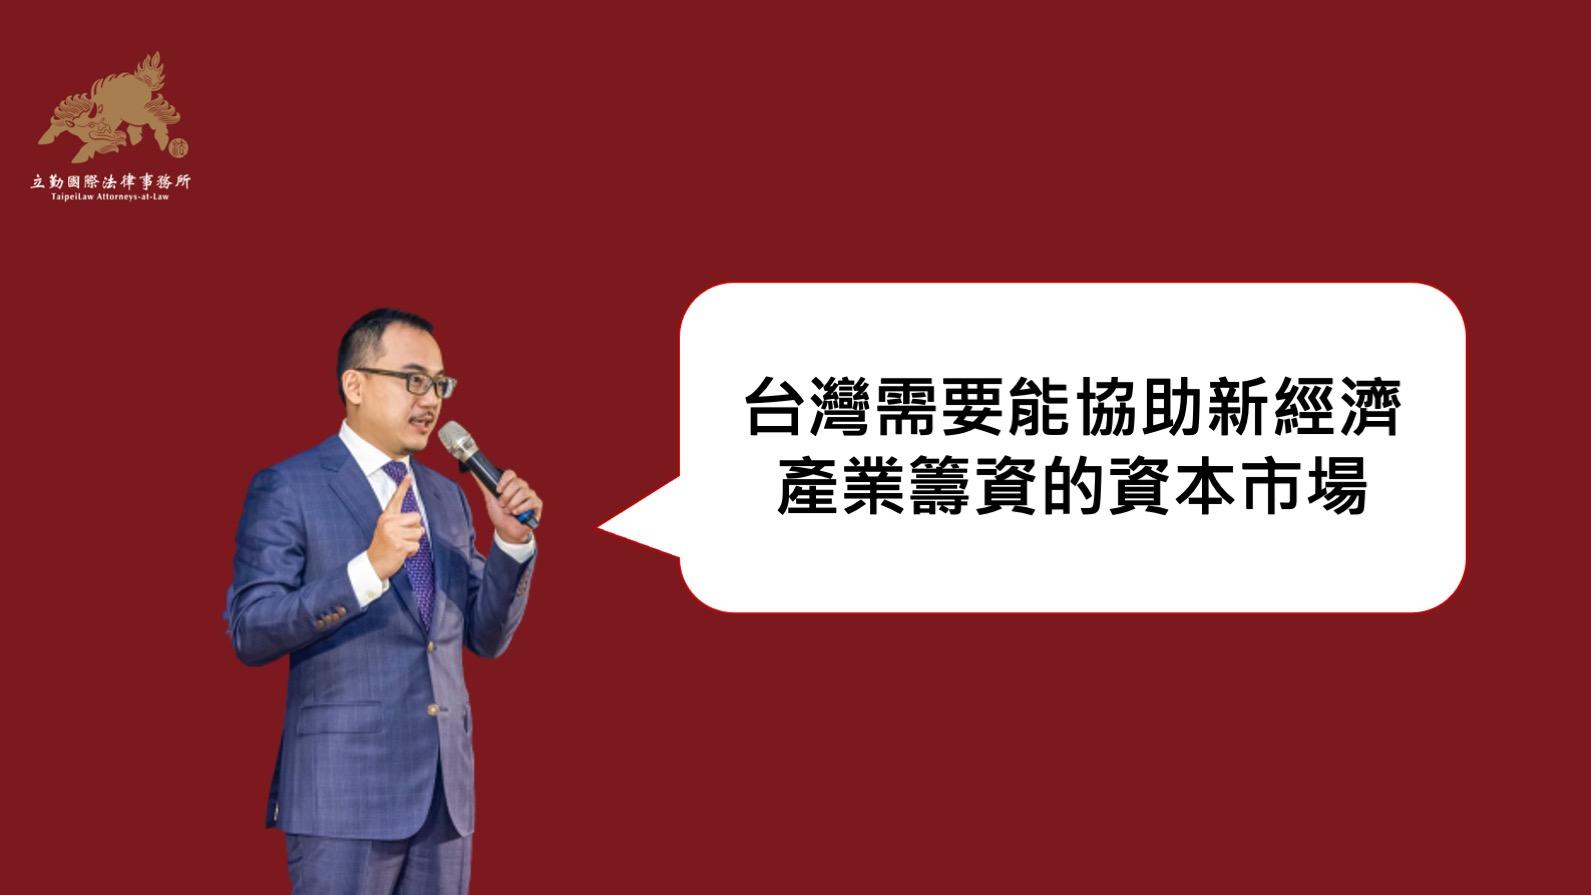 黃沛聲-台灣需要能協助新經濟產業籌資的資本市場